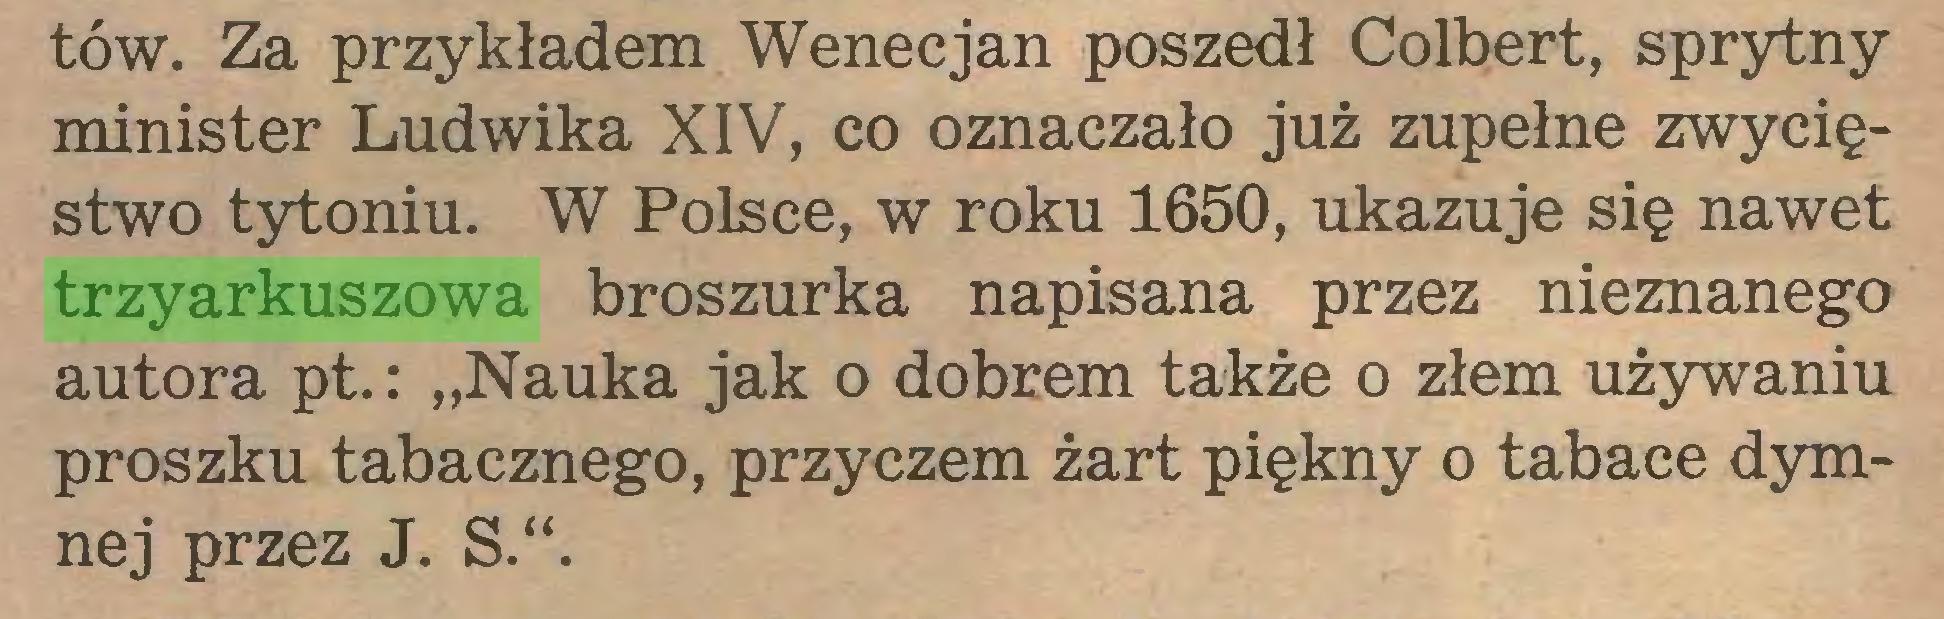 """(...) tów. Za przykładem Wenecjan poszedł Colbert, sprytny minister Ludwika XIV, co oznaczało już zupełne zwycięstwo tytoniu. W Polsce, w roku 1650, ukazuje się nawet trzyarkuszowa broszurka napisana przez nieznanego autora pt.: """"Nauka jak o dobrem także o złem używaniu proszku tabacznego, przyczem żart piękny o tabace dymnej przez J. S.""""..."""